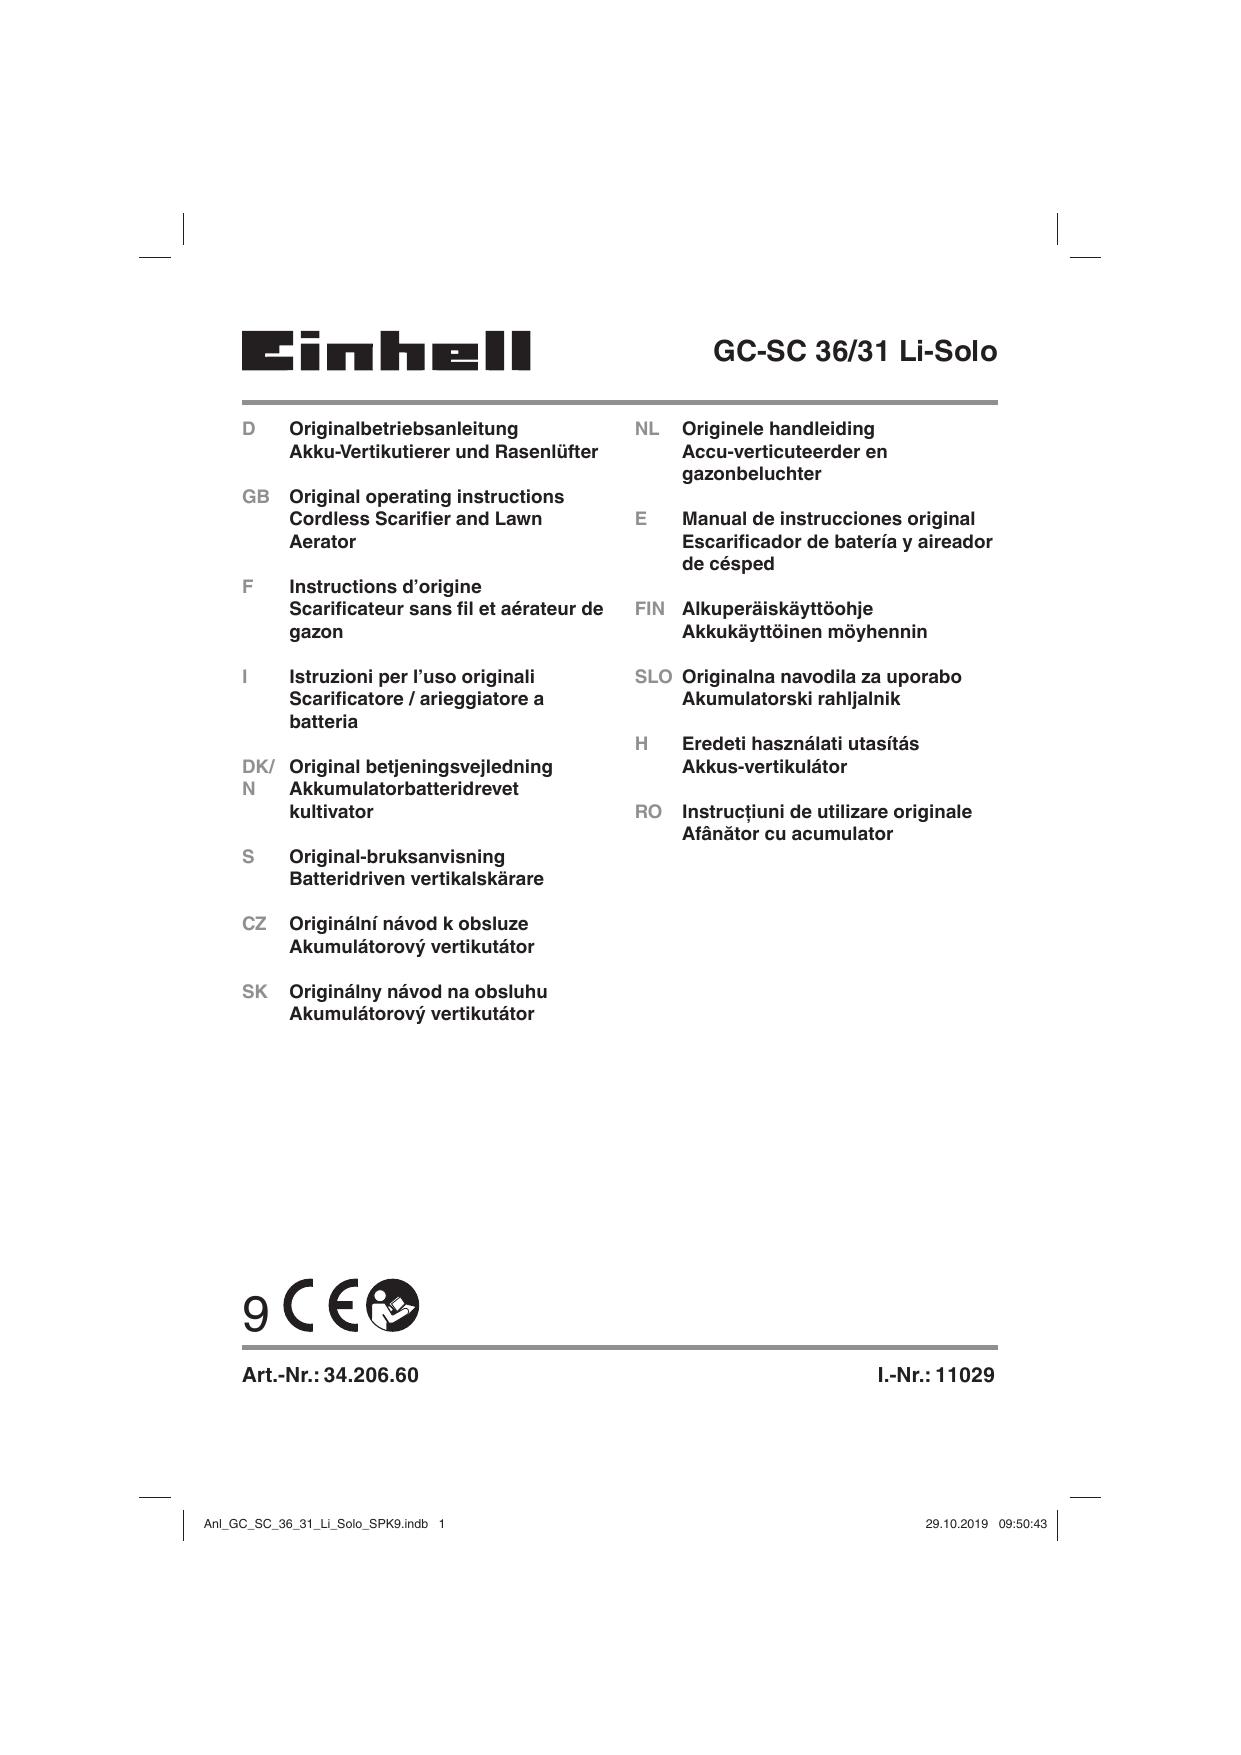 EINHELL GC-SC 36/31 Li-Solo Cordless Scarifier / Aerator